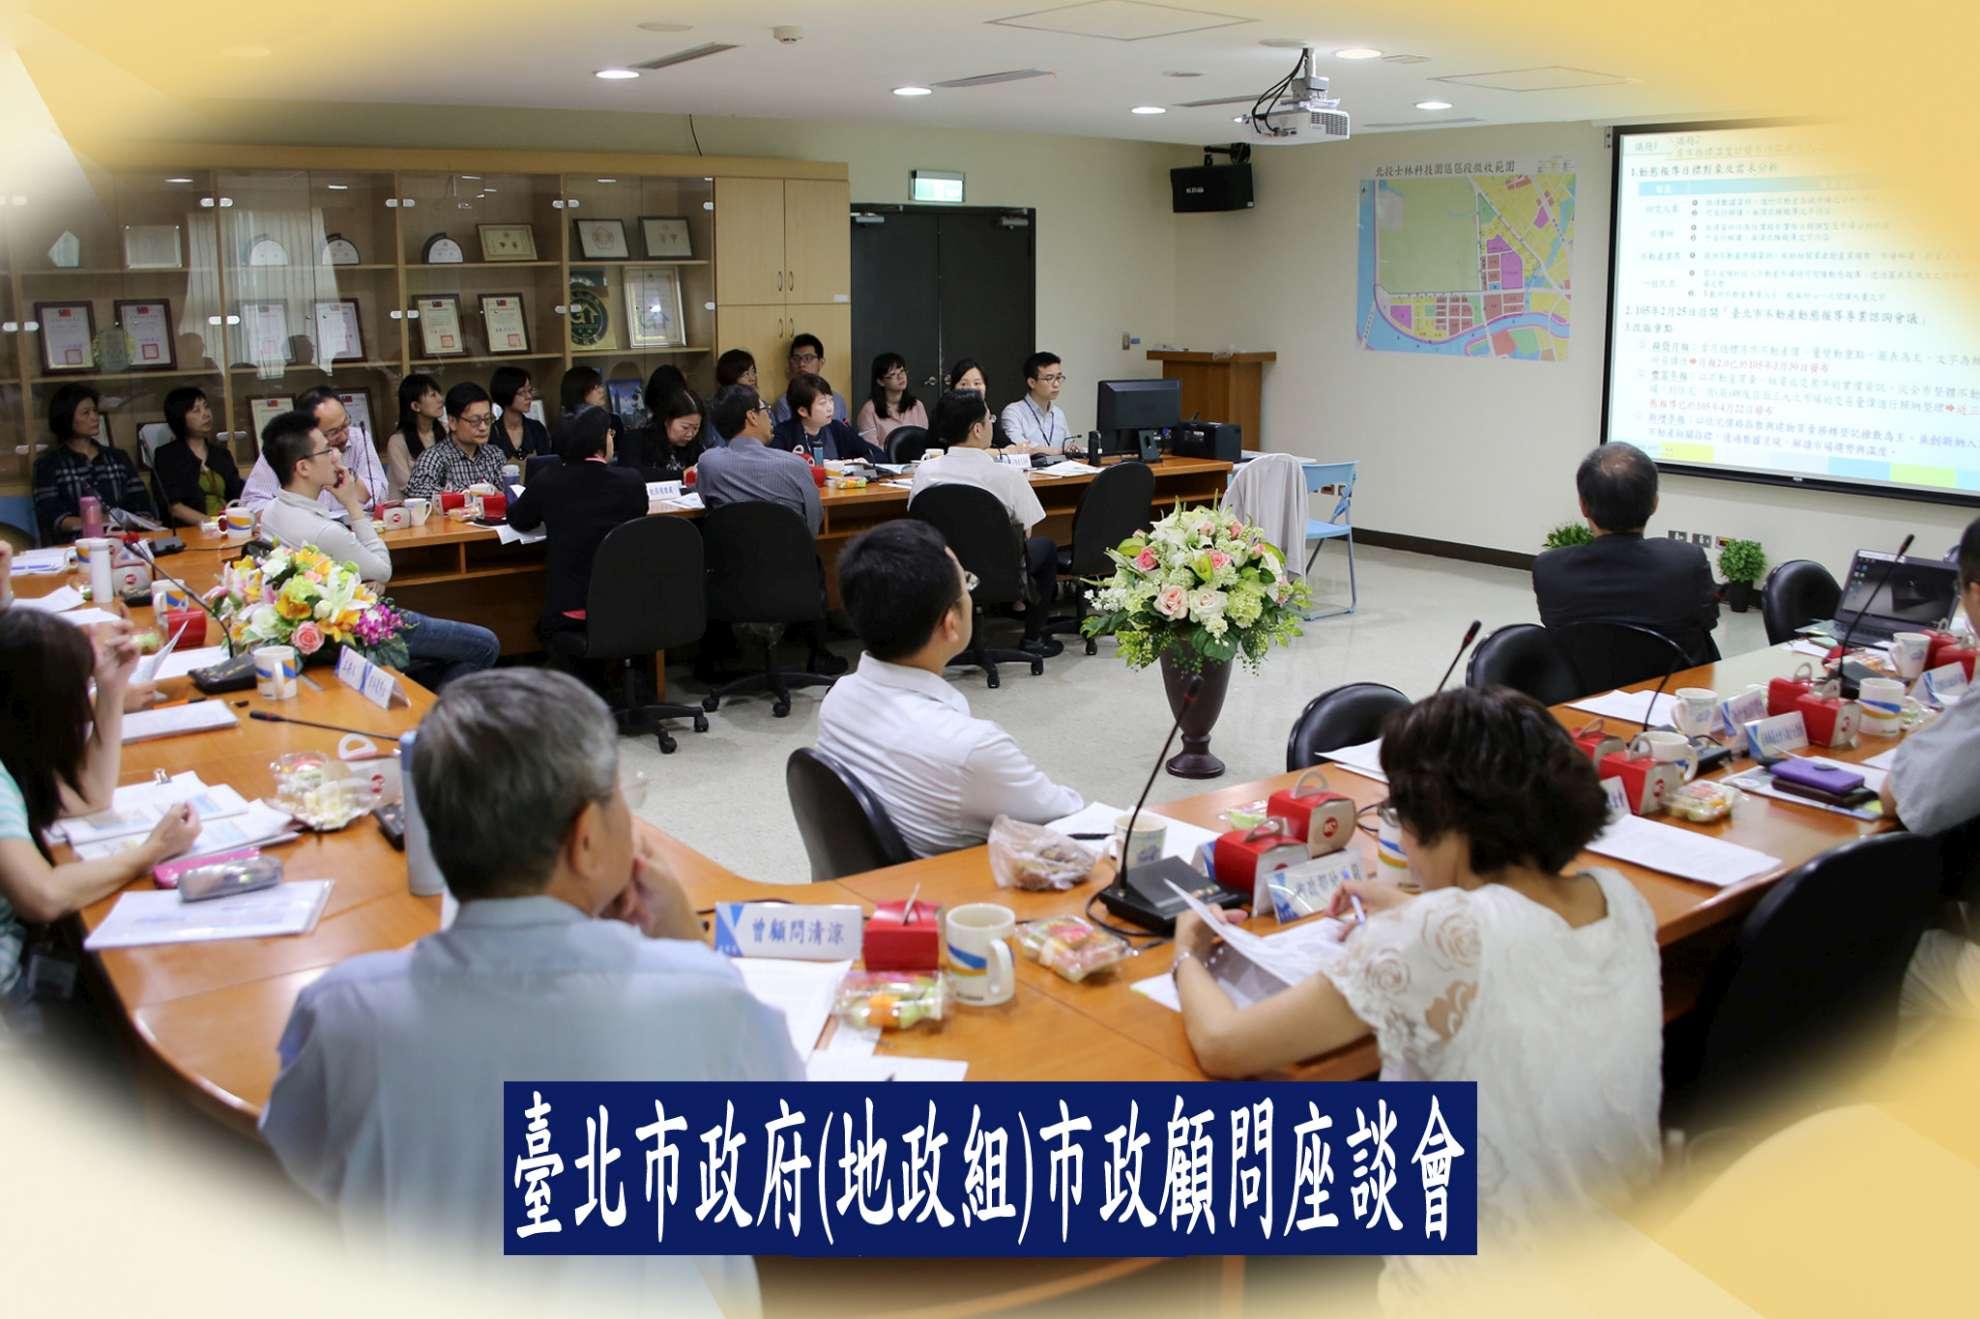 臺北市政府(地政組)市政顧問座談會